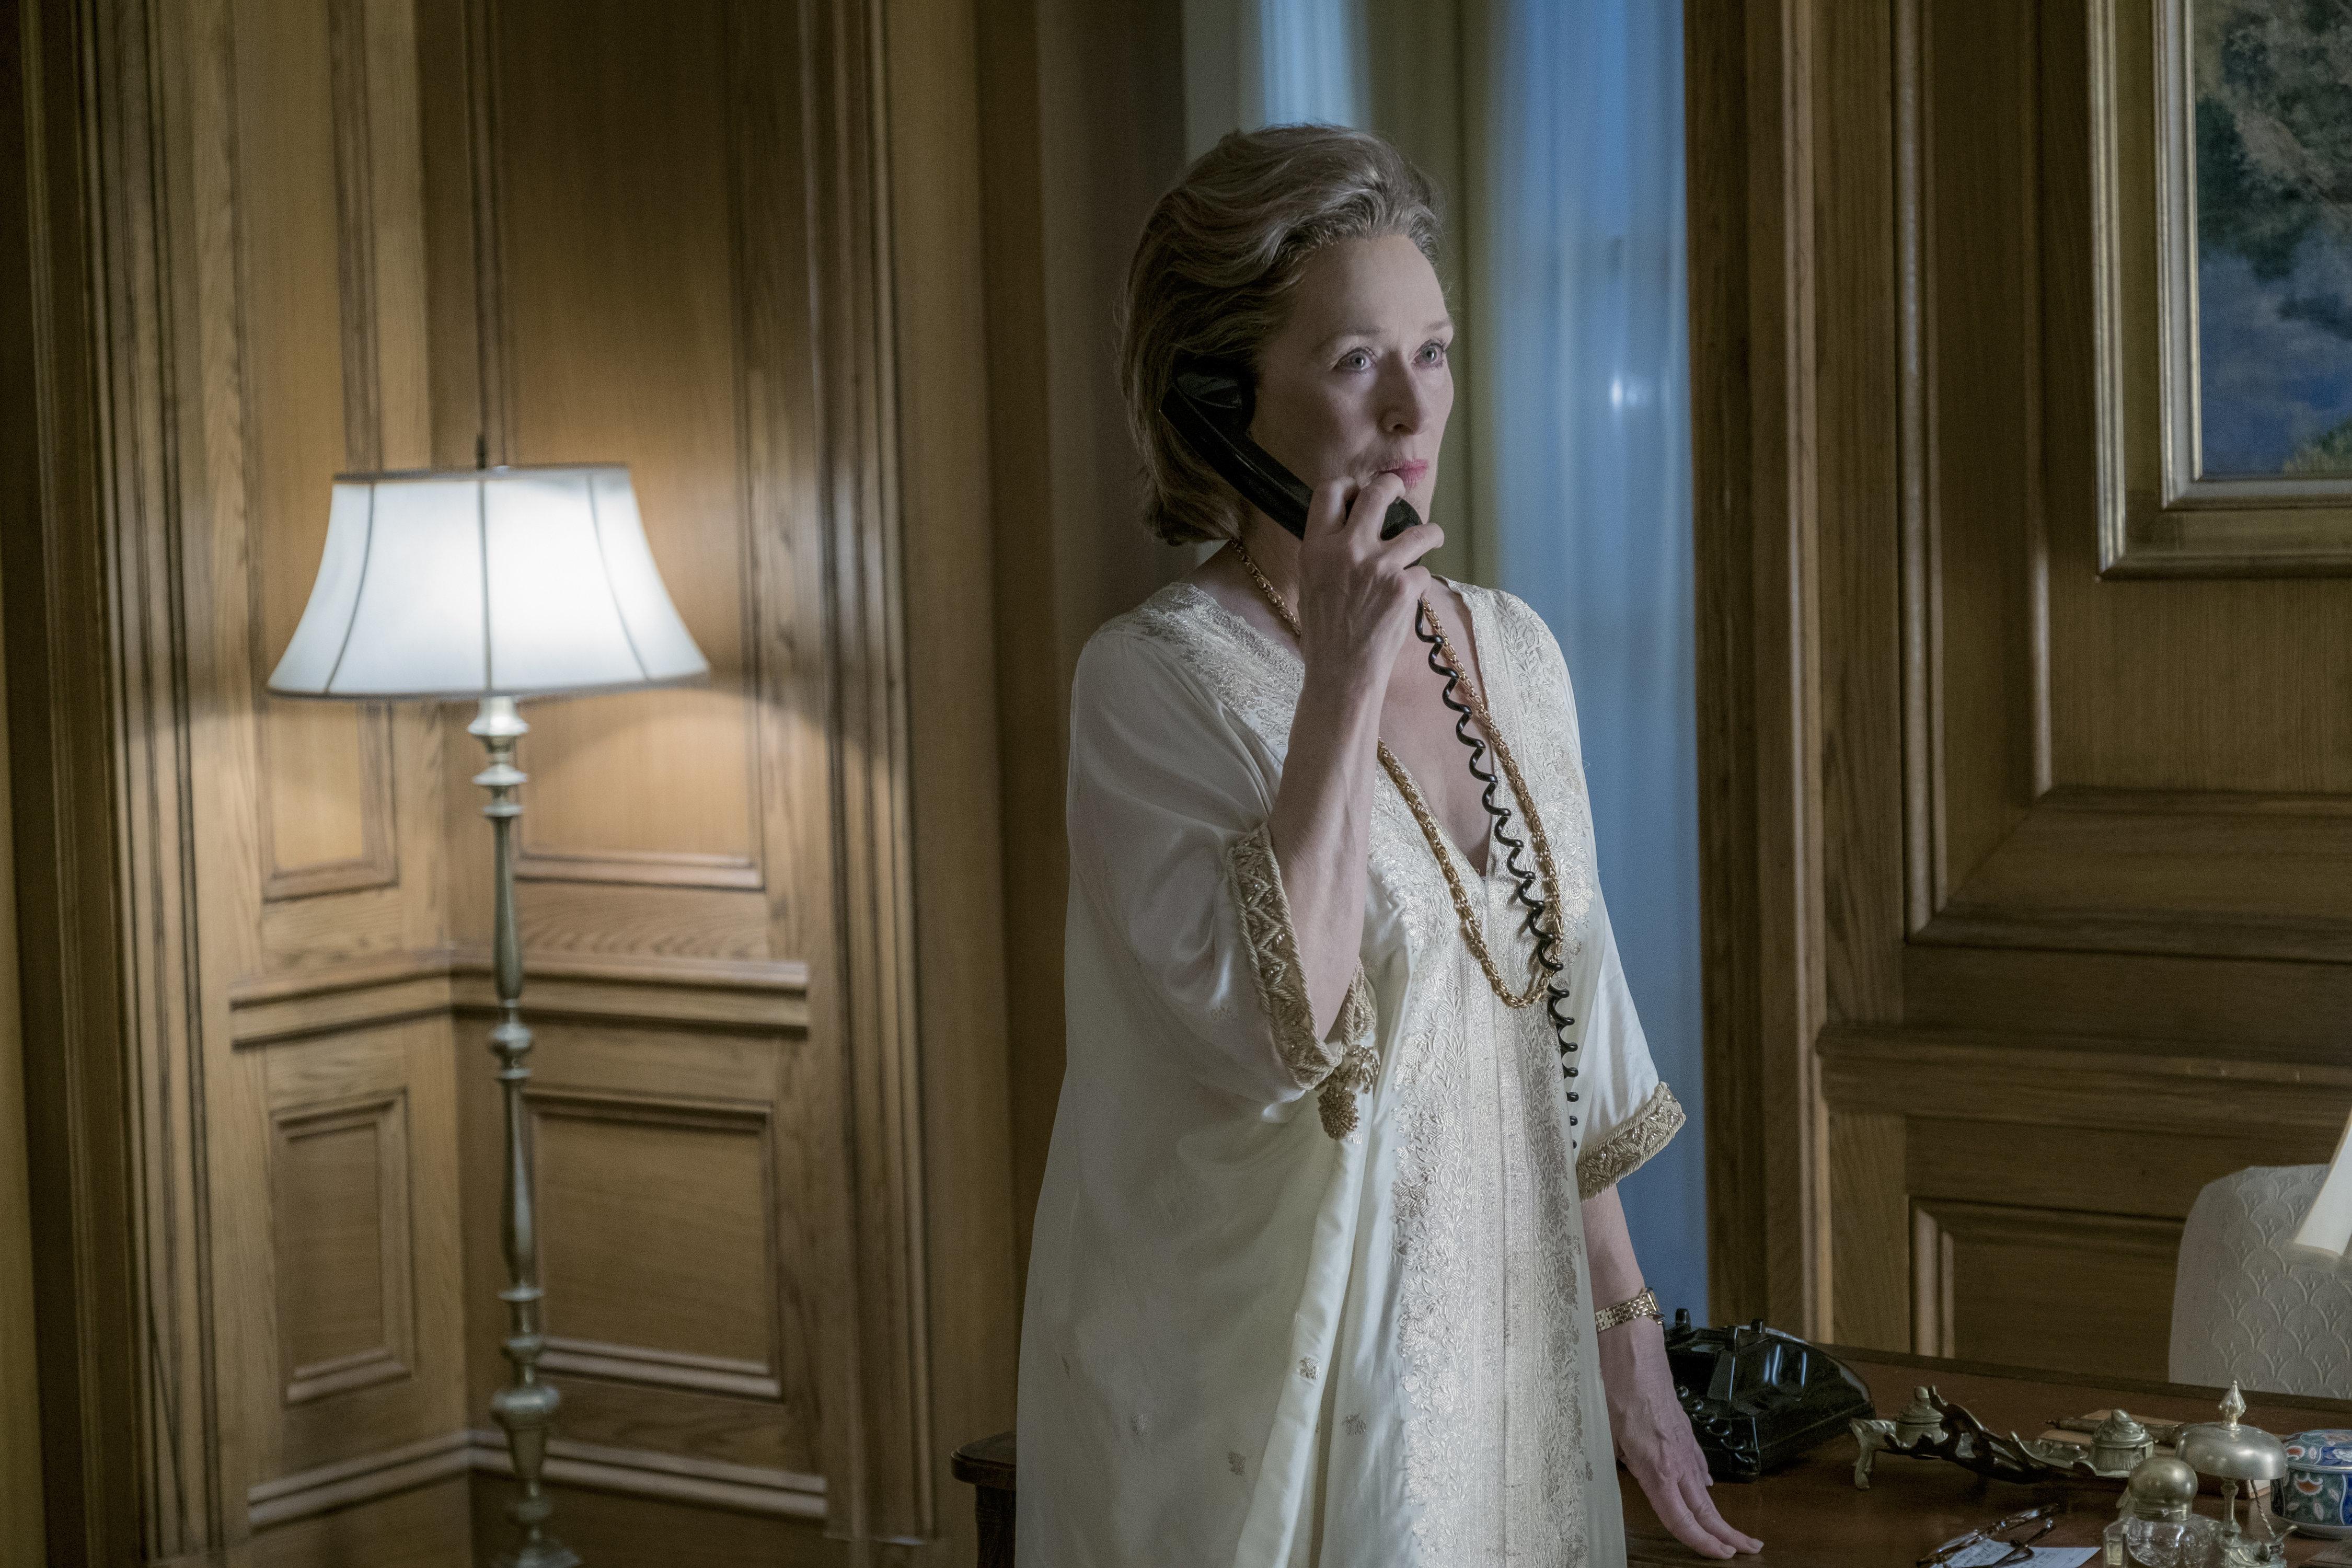 Por dentro da cena mais eletrizante de Meryl Streep em 'The Post - A Guerra